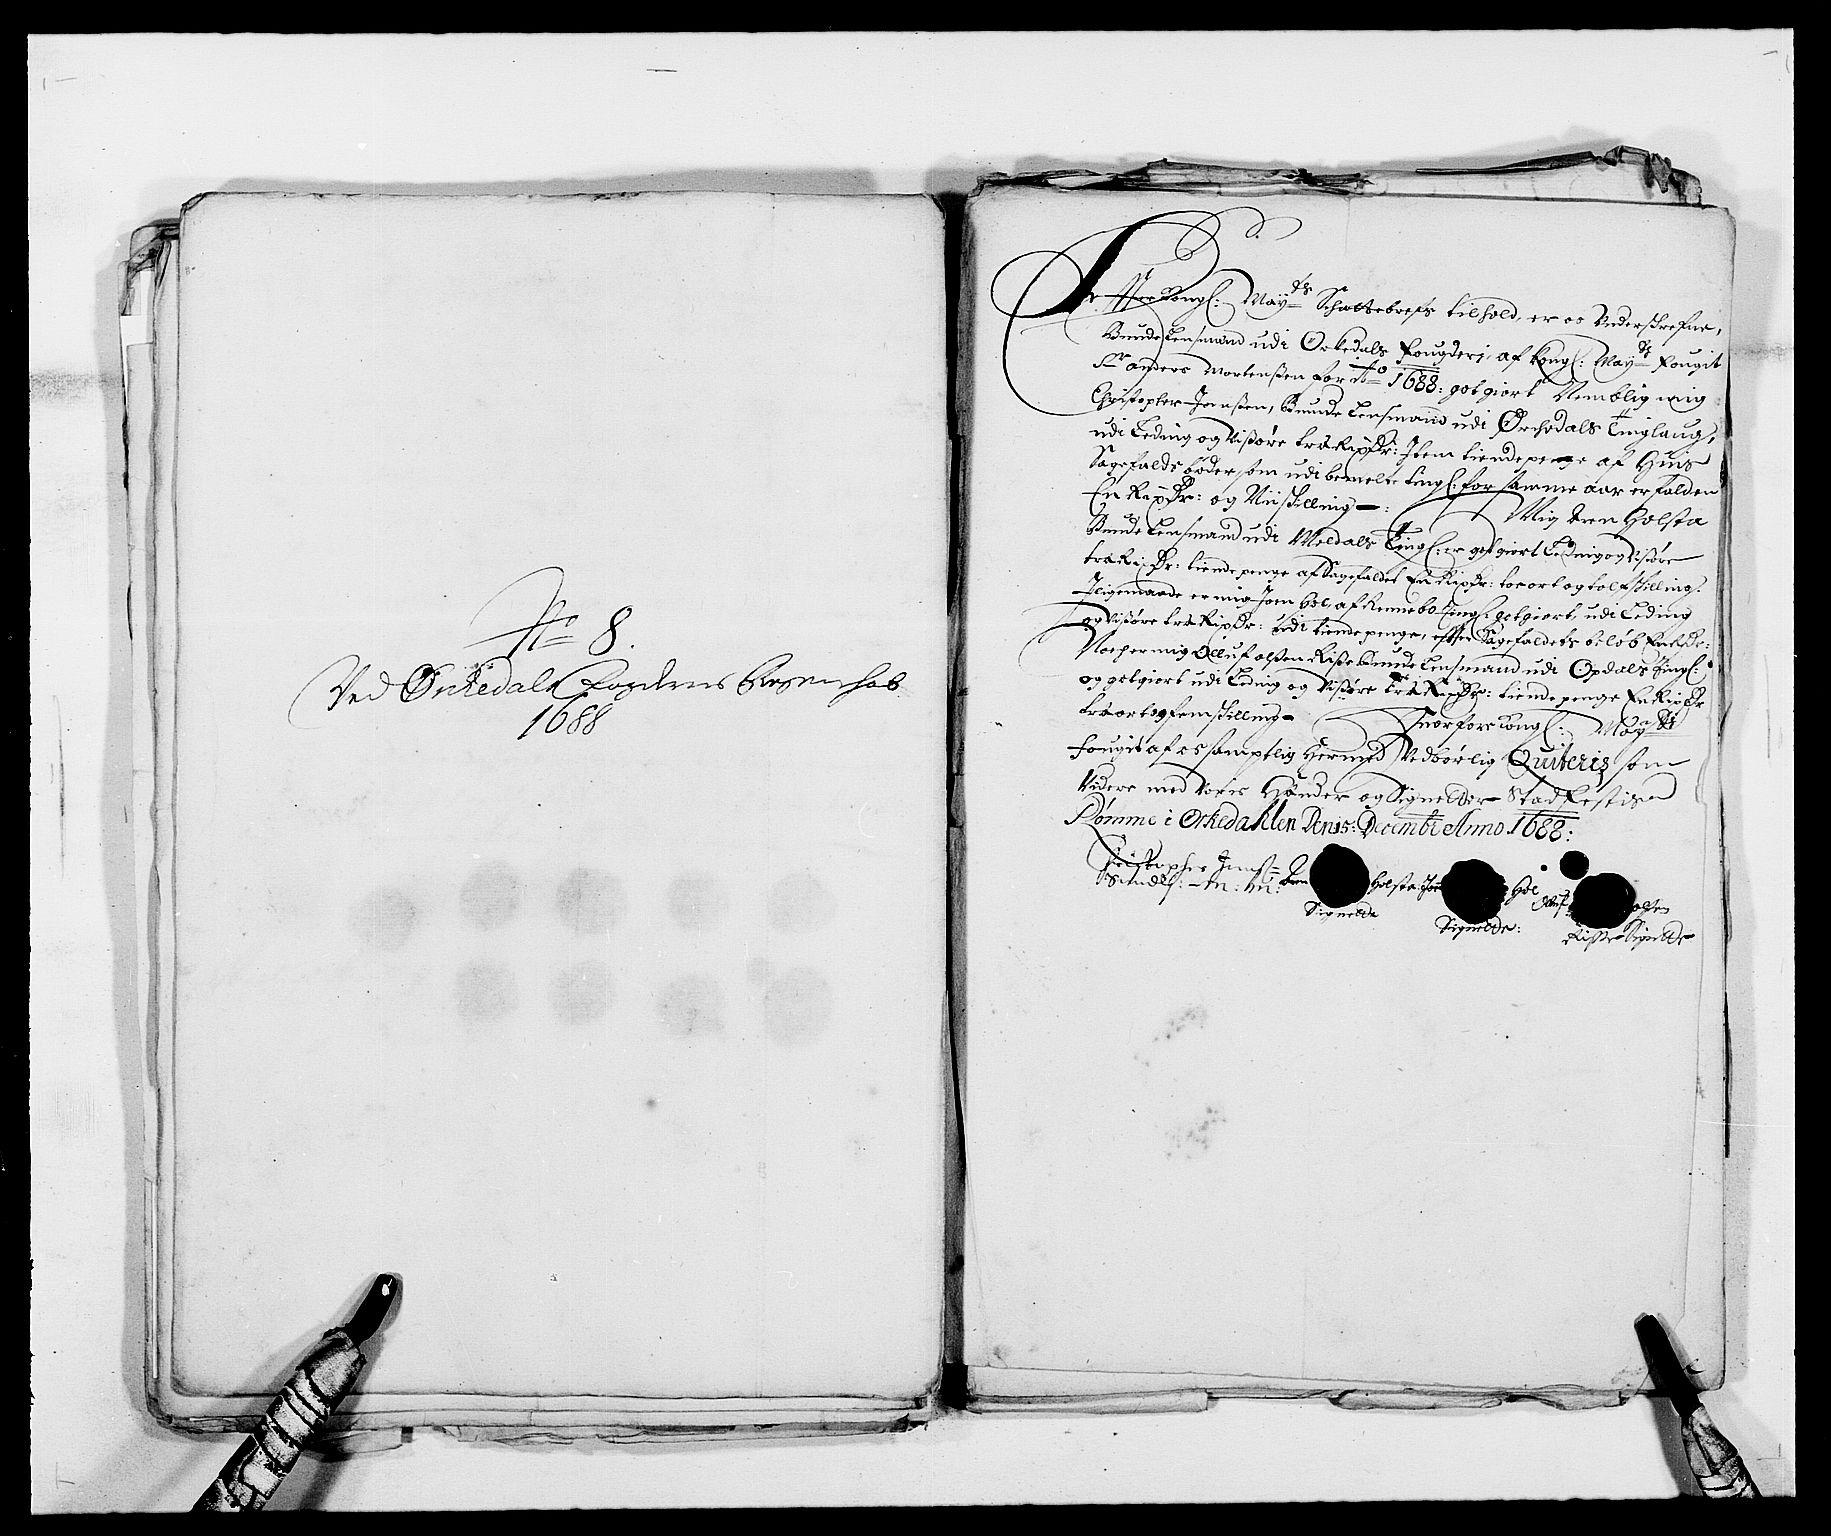 RA, Rentekammeret inntil 1814, Reviderte regnskaper, Fogderegnskap, R58/L3935: Fogderegnskap Orkdal, 1687-1688, s. 371